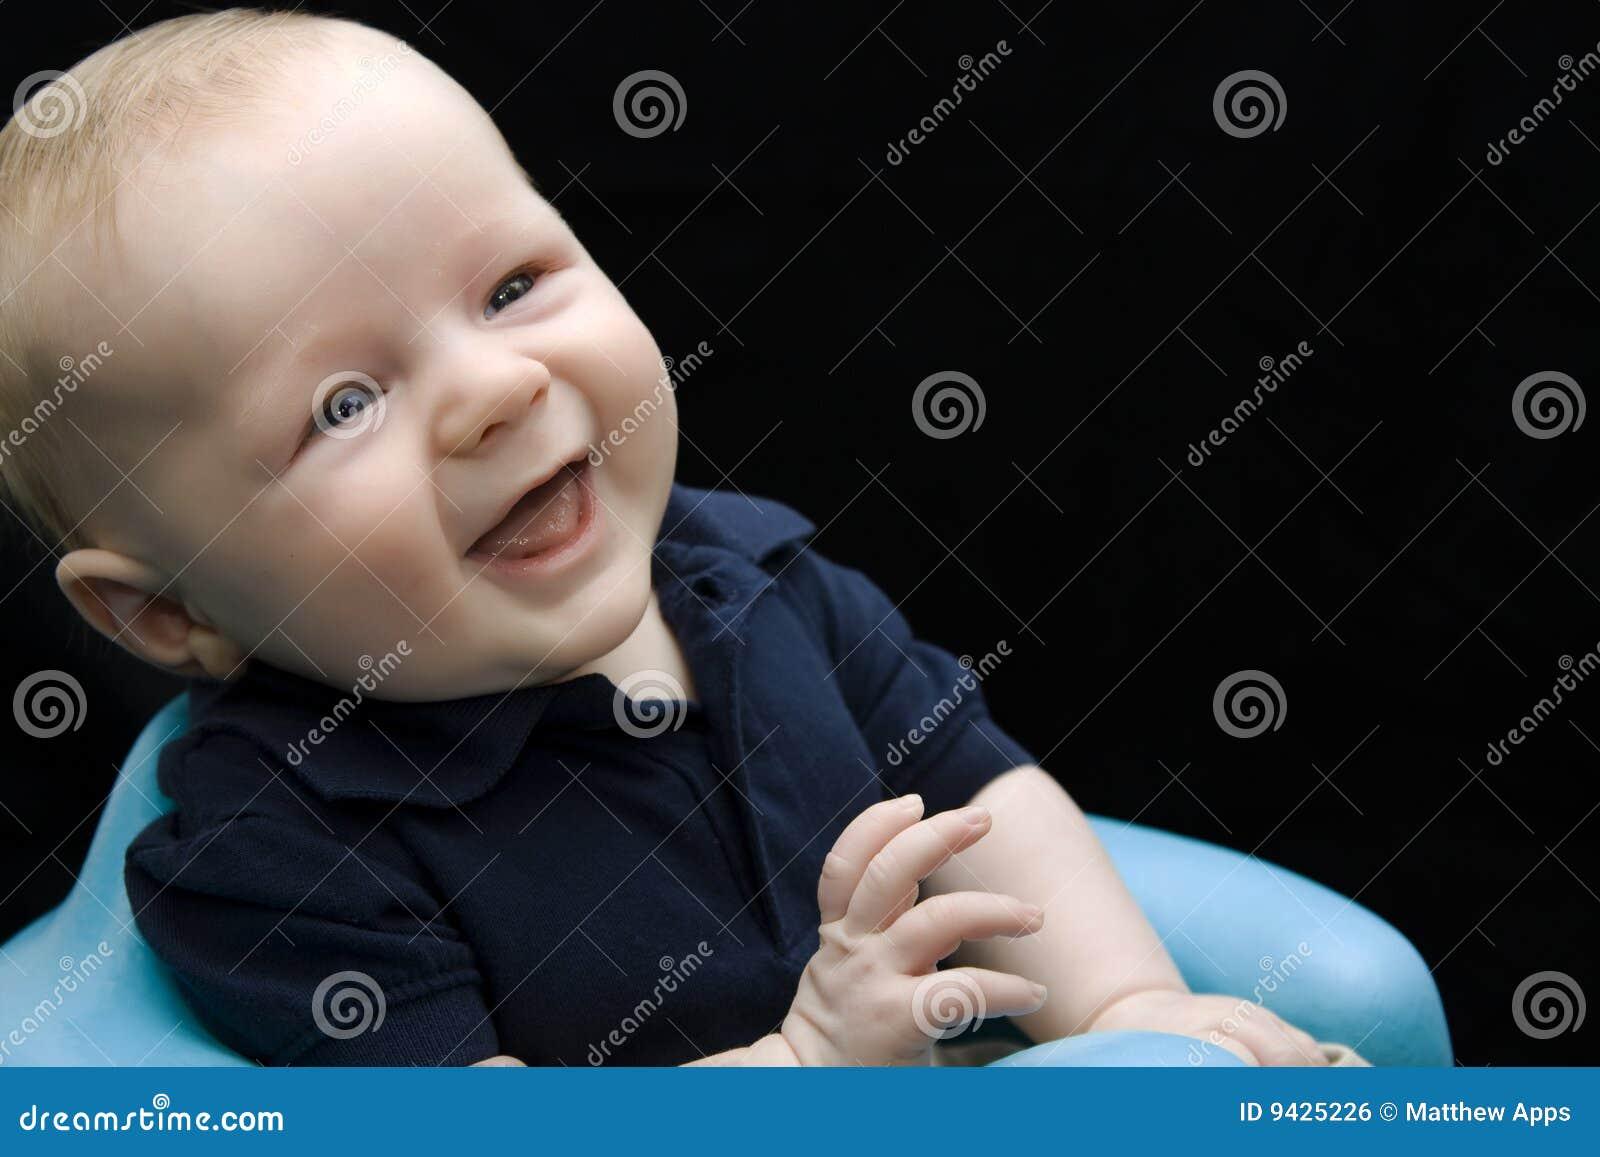 смеяться над ребёнка милый